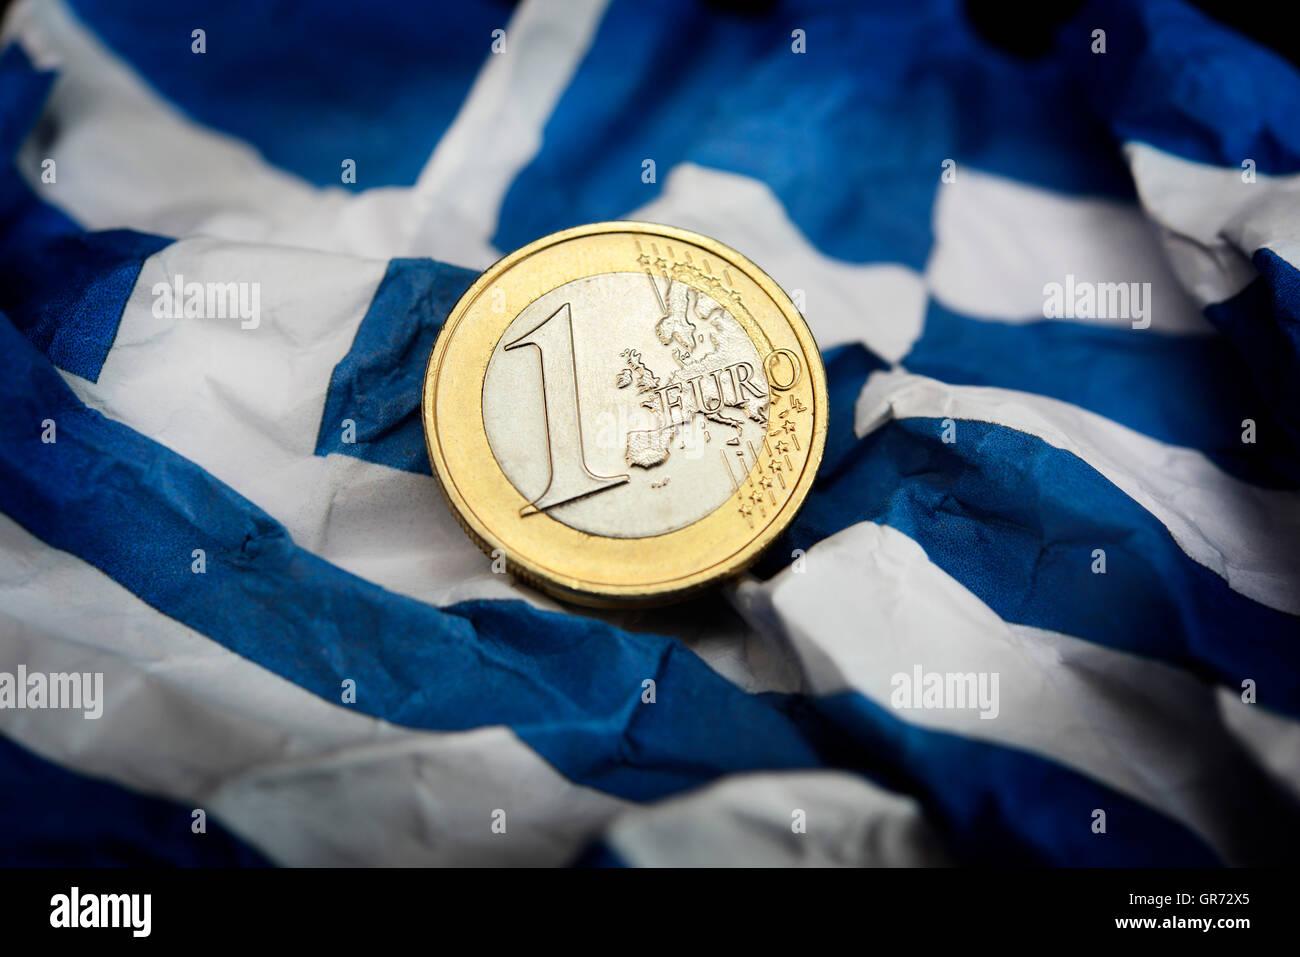 Euro Coin On Flag Of Greece, Debt Crisis - Stock Image